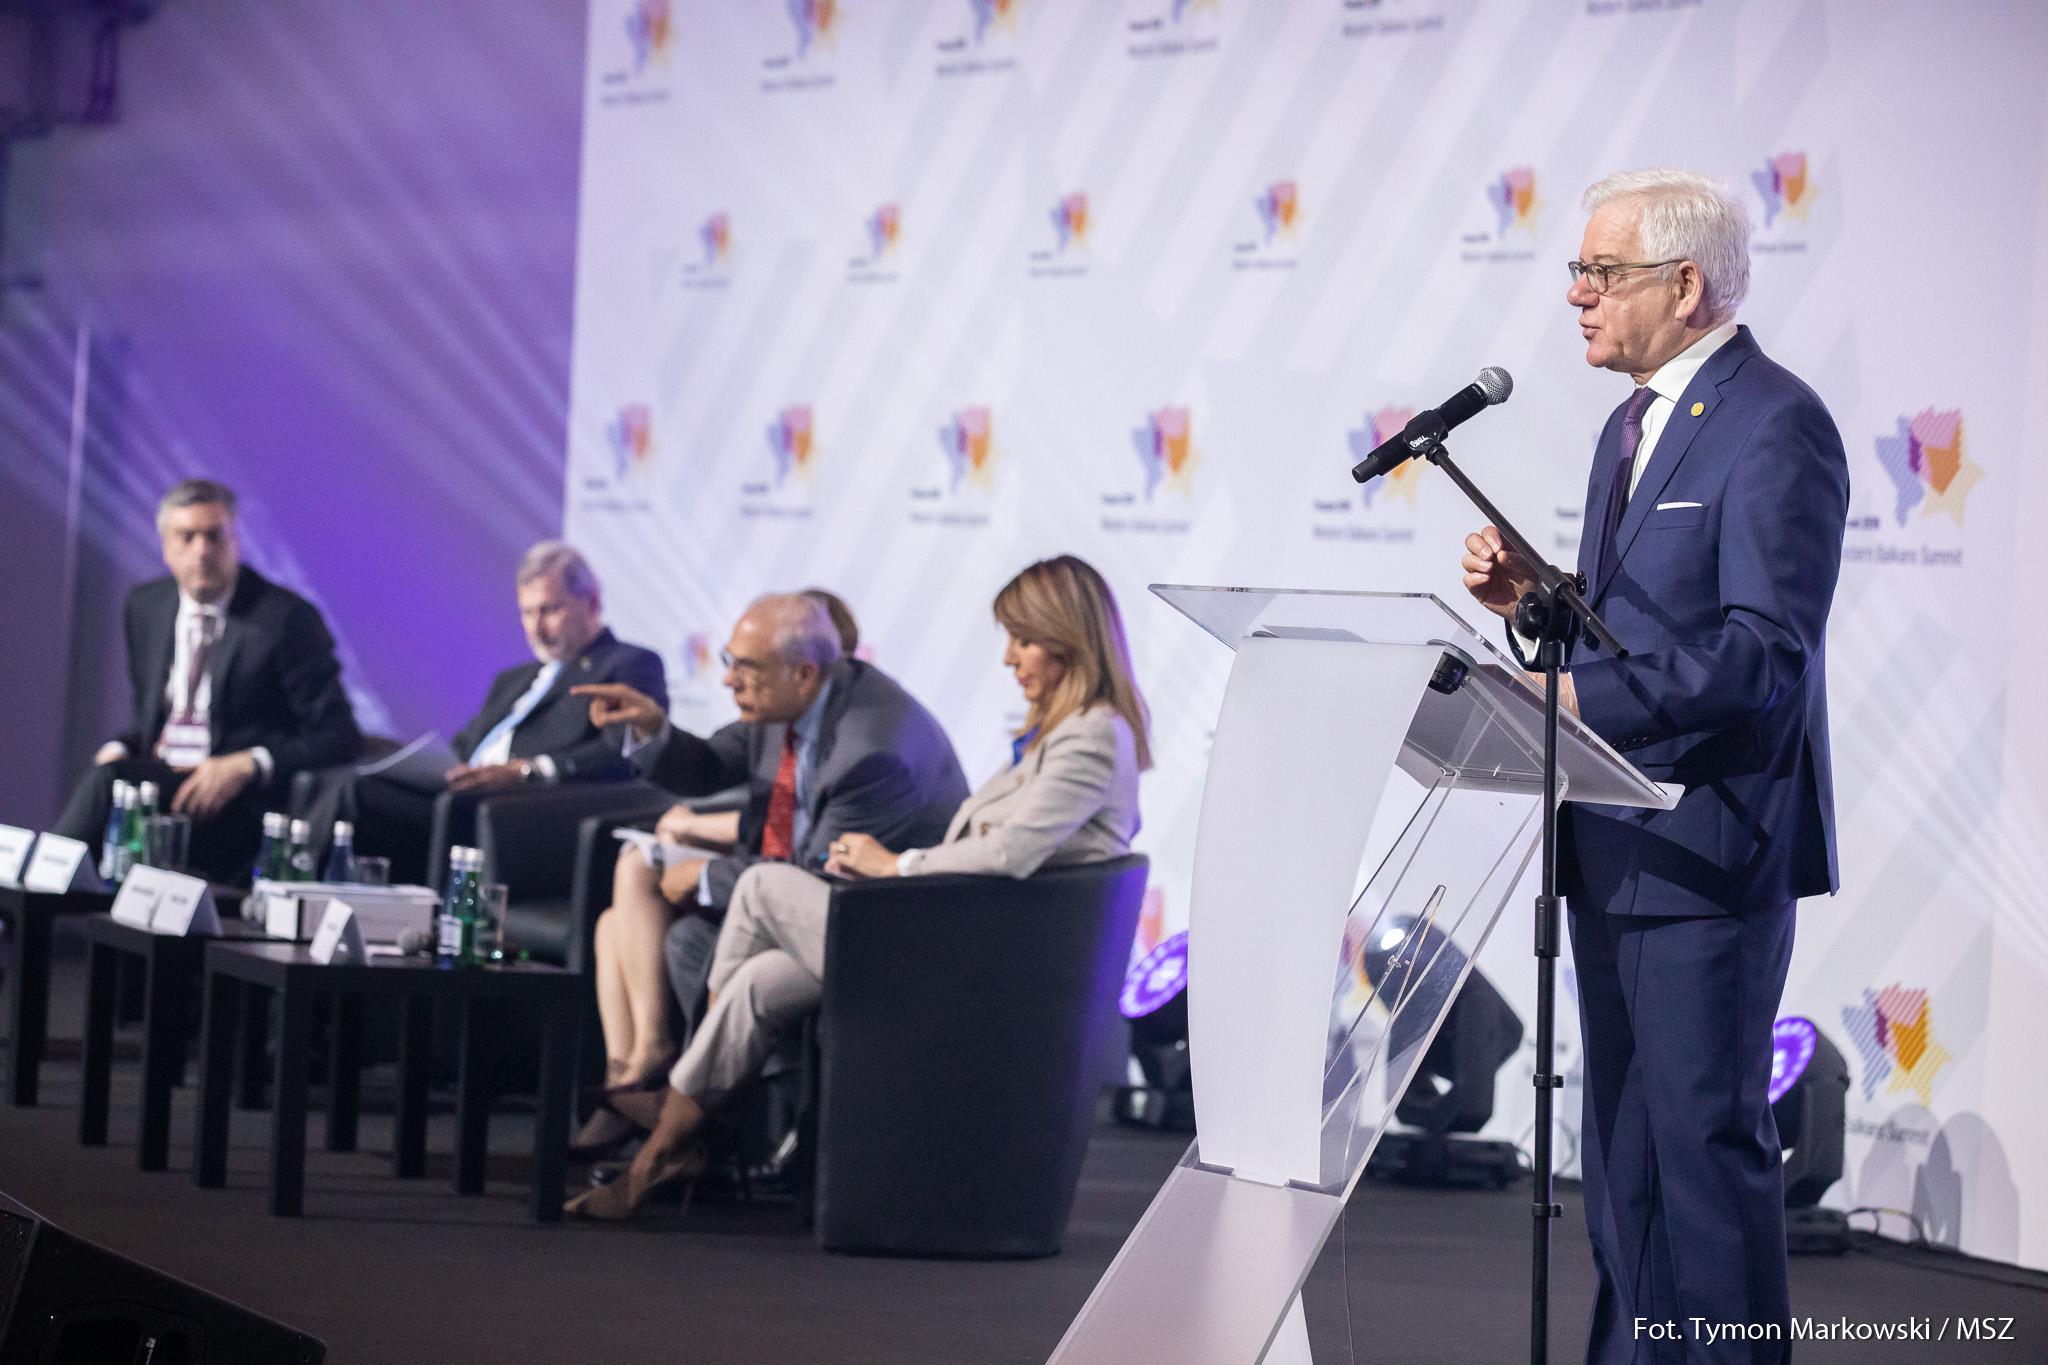 Western Balkans Summit 2019